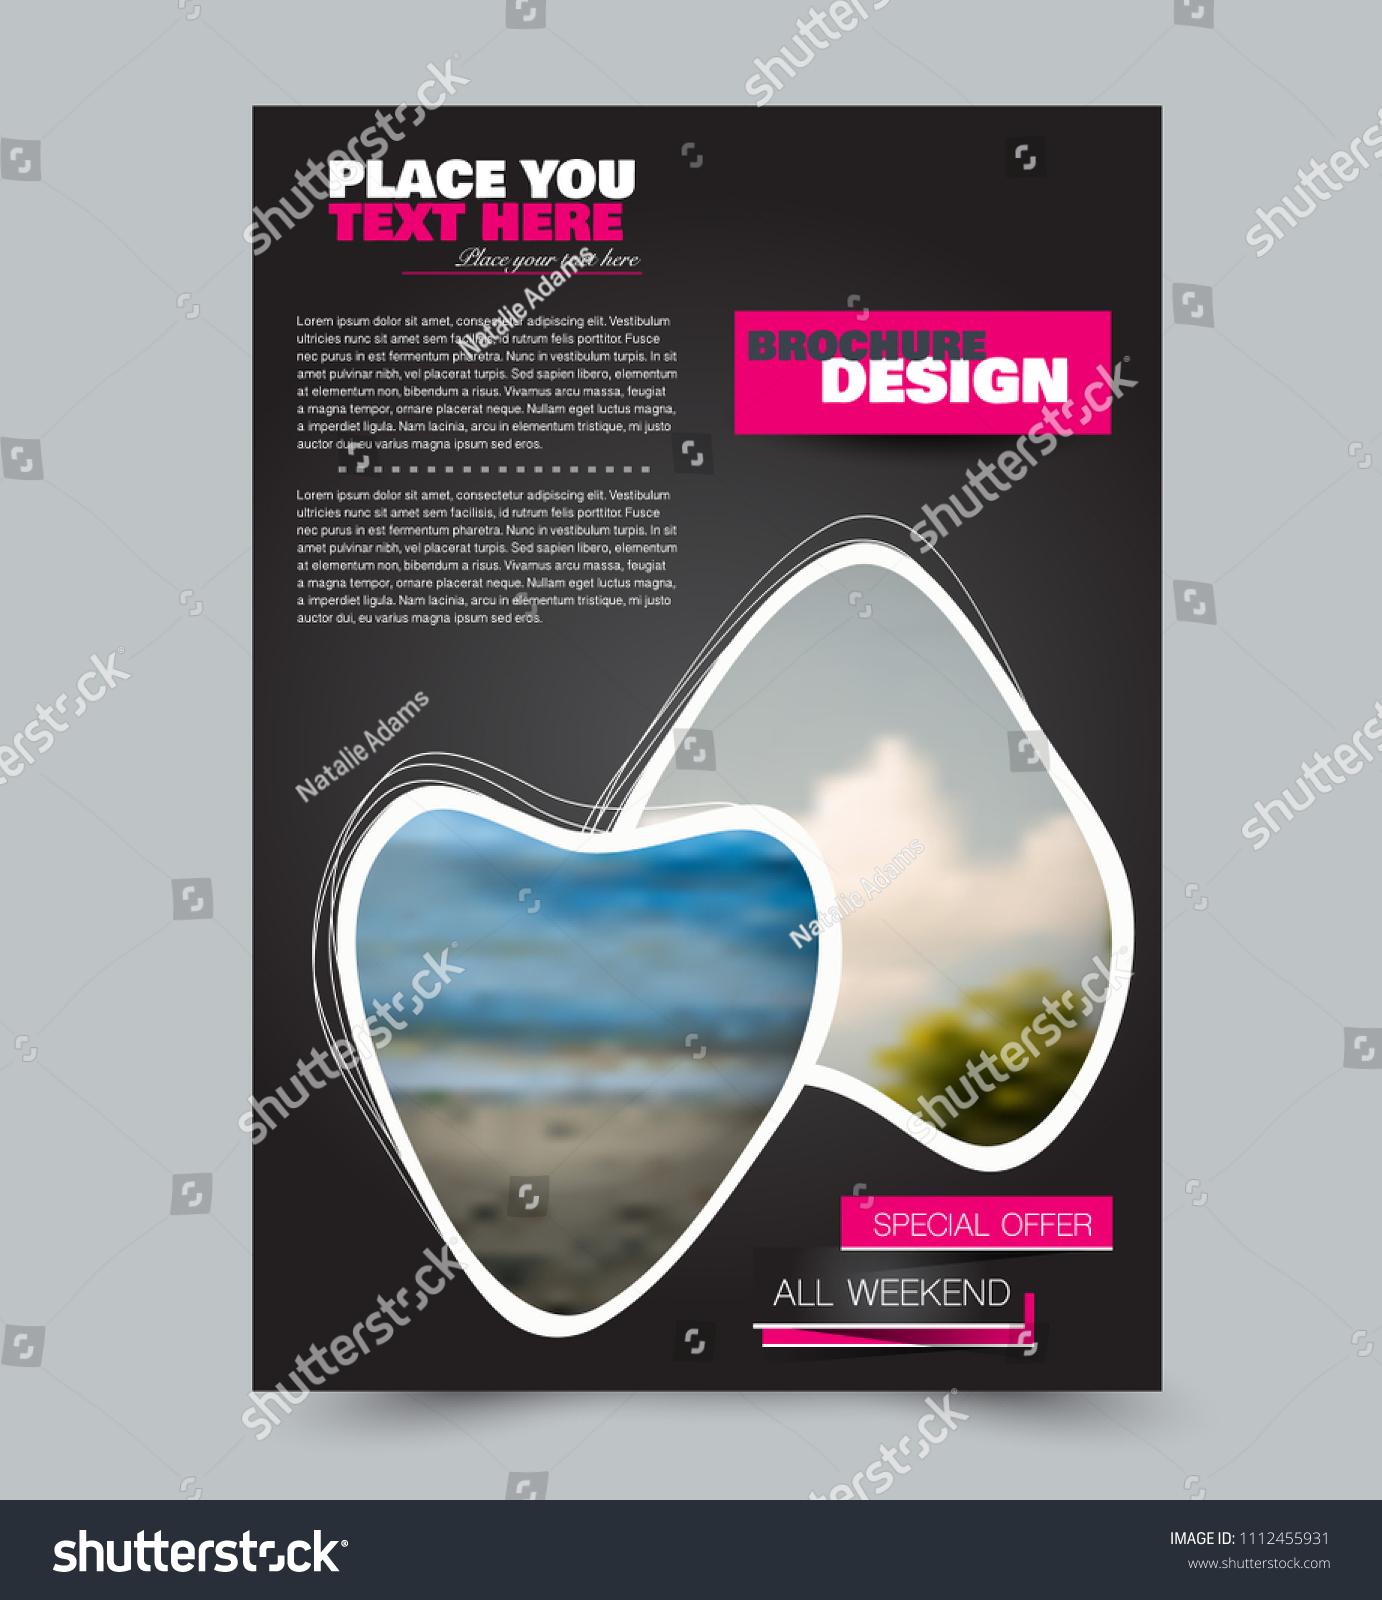 Flyer Design Template Brochure Layout School Stock Vector (2018 ...